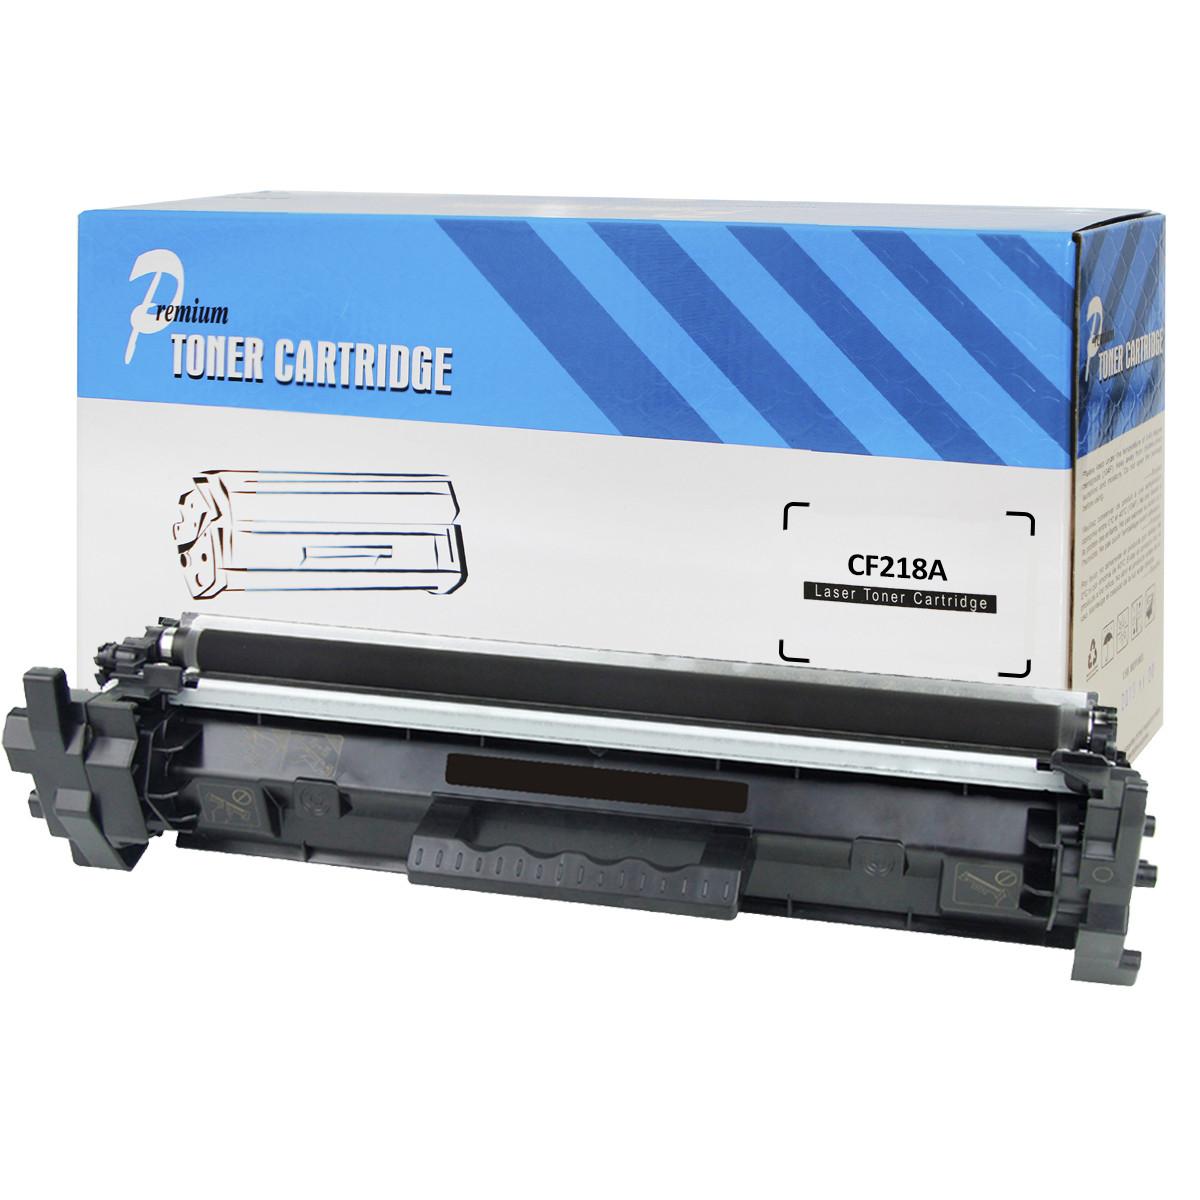 Toner Compatível com HP CF218A 18A | 132NW 132FN 132FW 132A 132SNW 132FP 104A 104W | Premium 1.4k